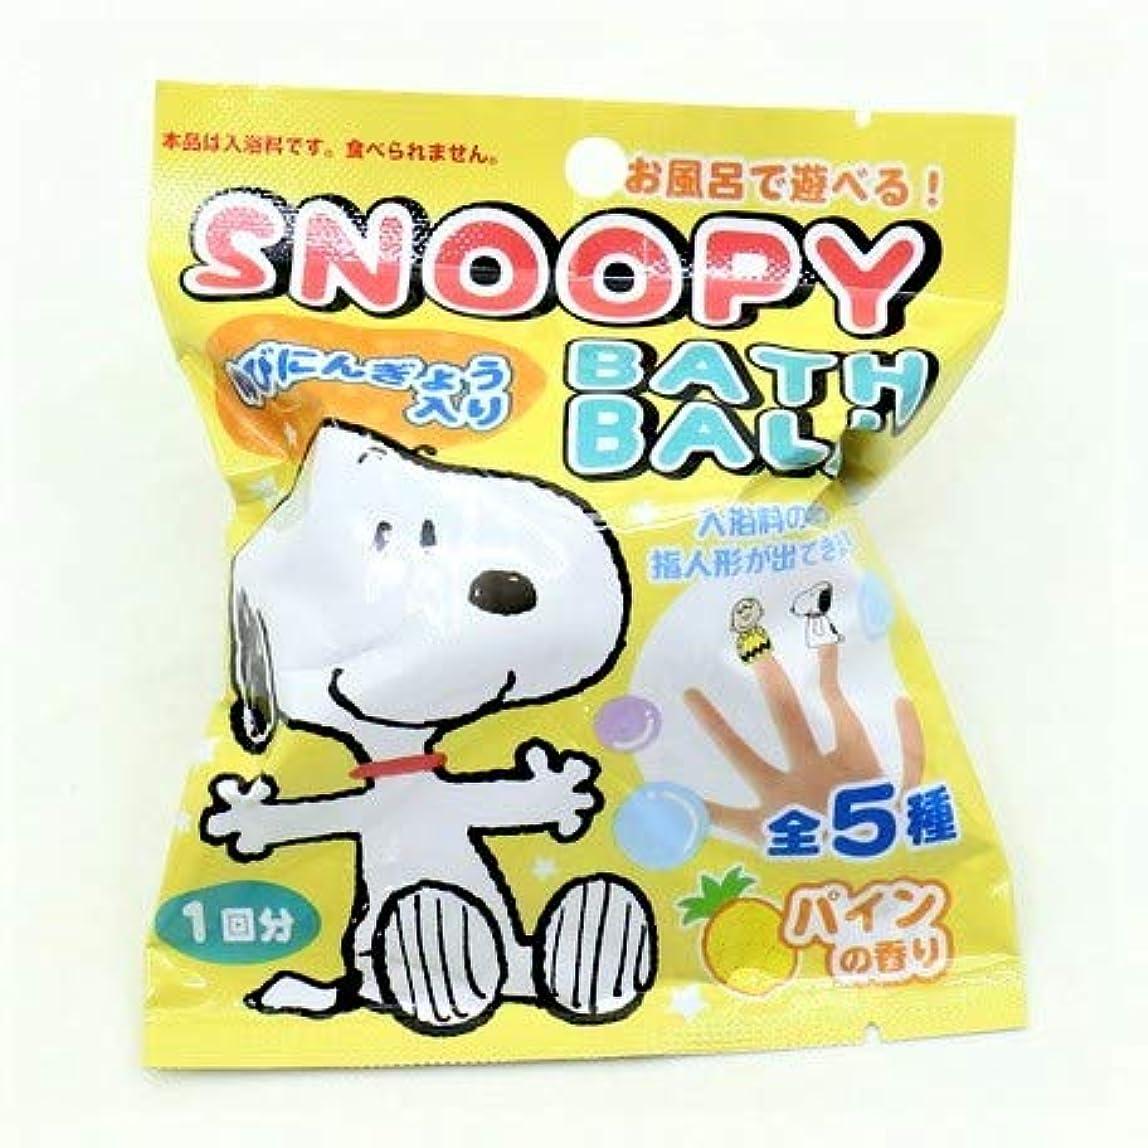 同意宝石パーティースヌーピー バスボール 入浴剤 パインの香り 6個1セット 指人形 Snoopy